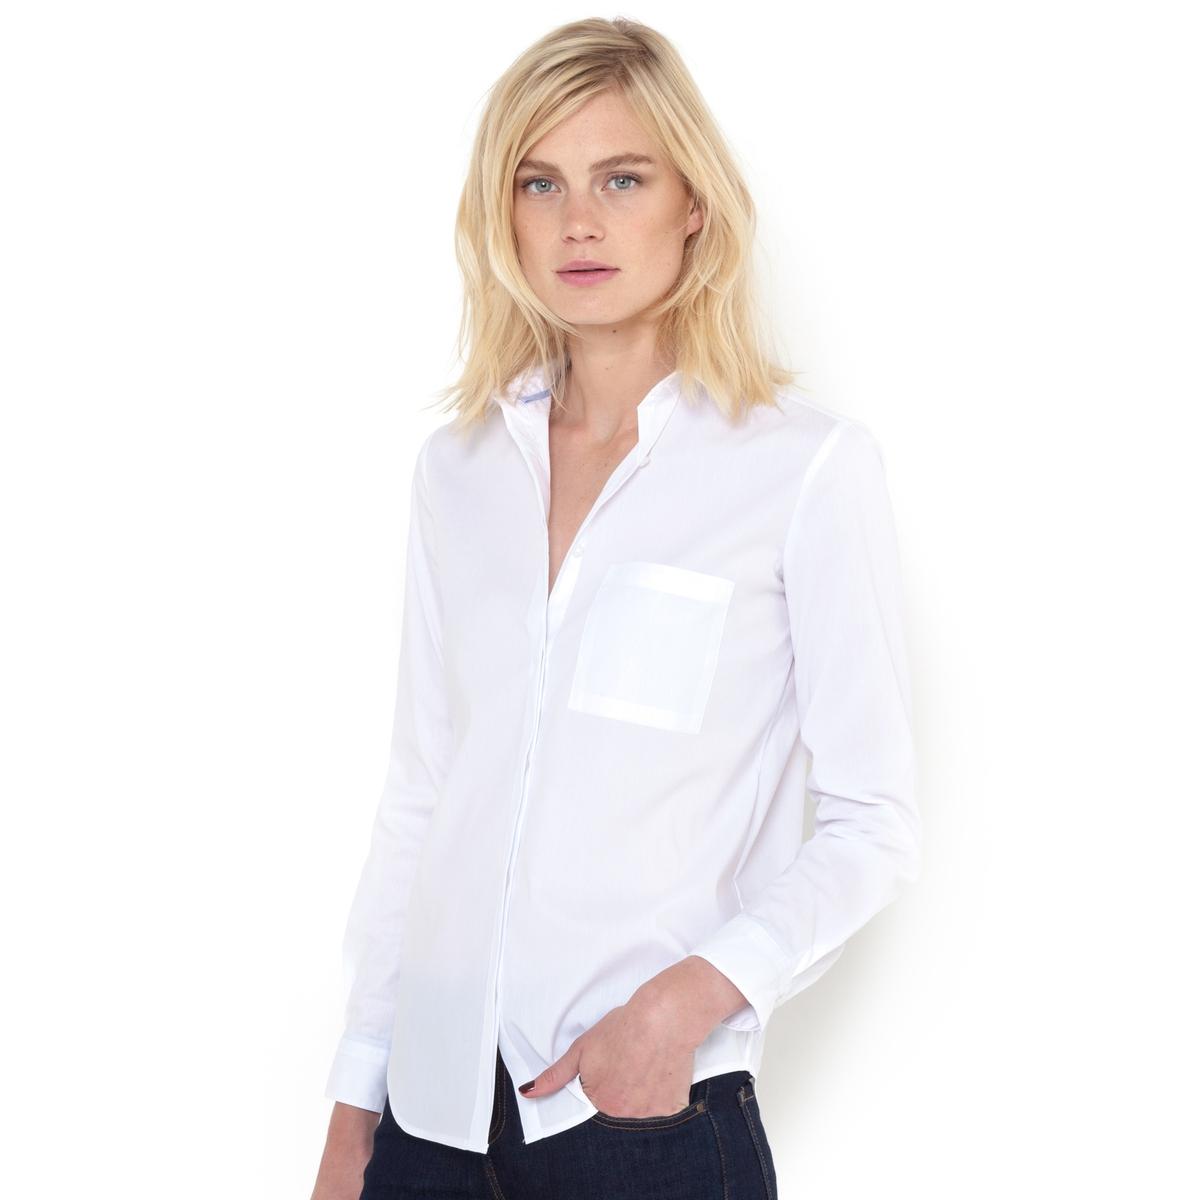 Рубашка однотонная из хлопкового поплина стрейч. Длинные рукава. рубашка в полоску из поплина стретч длинные рукава